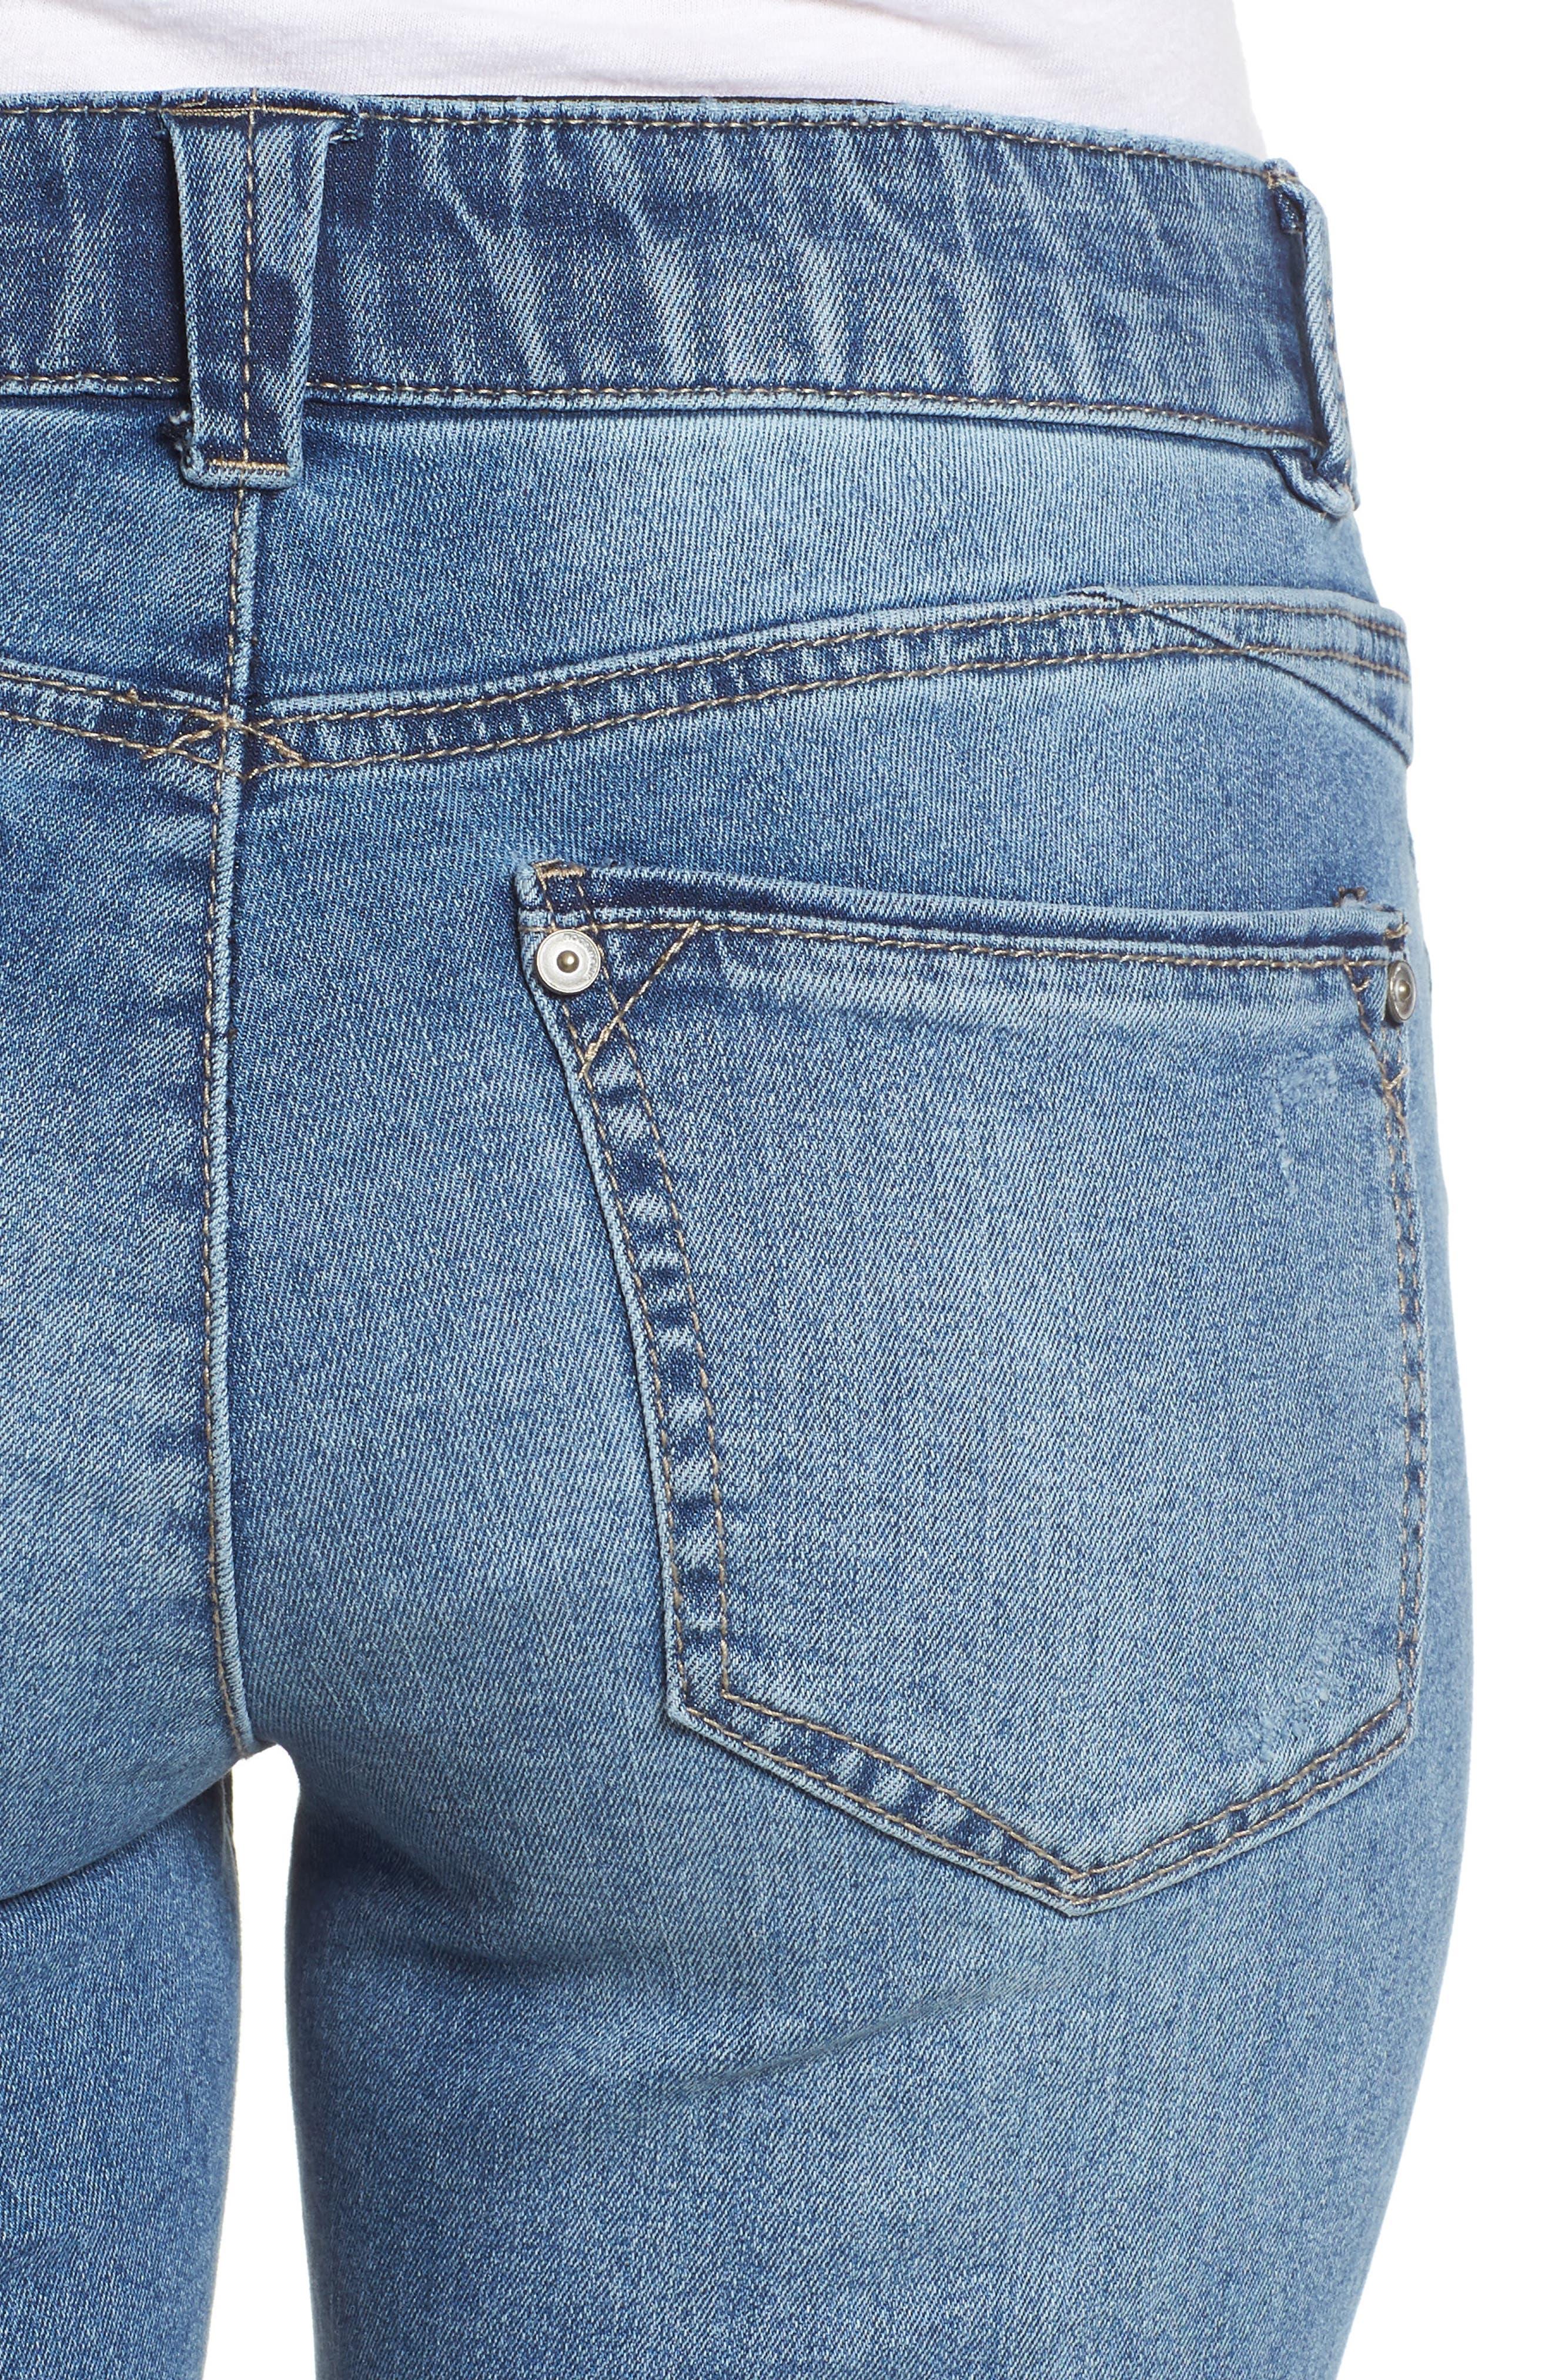 Ab-solution Ankle Skimmer Skinny Jeans Regular & Petite,                             Alternate thumbnail 4, color,                             458